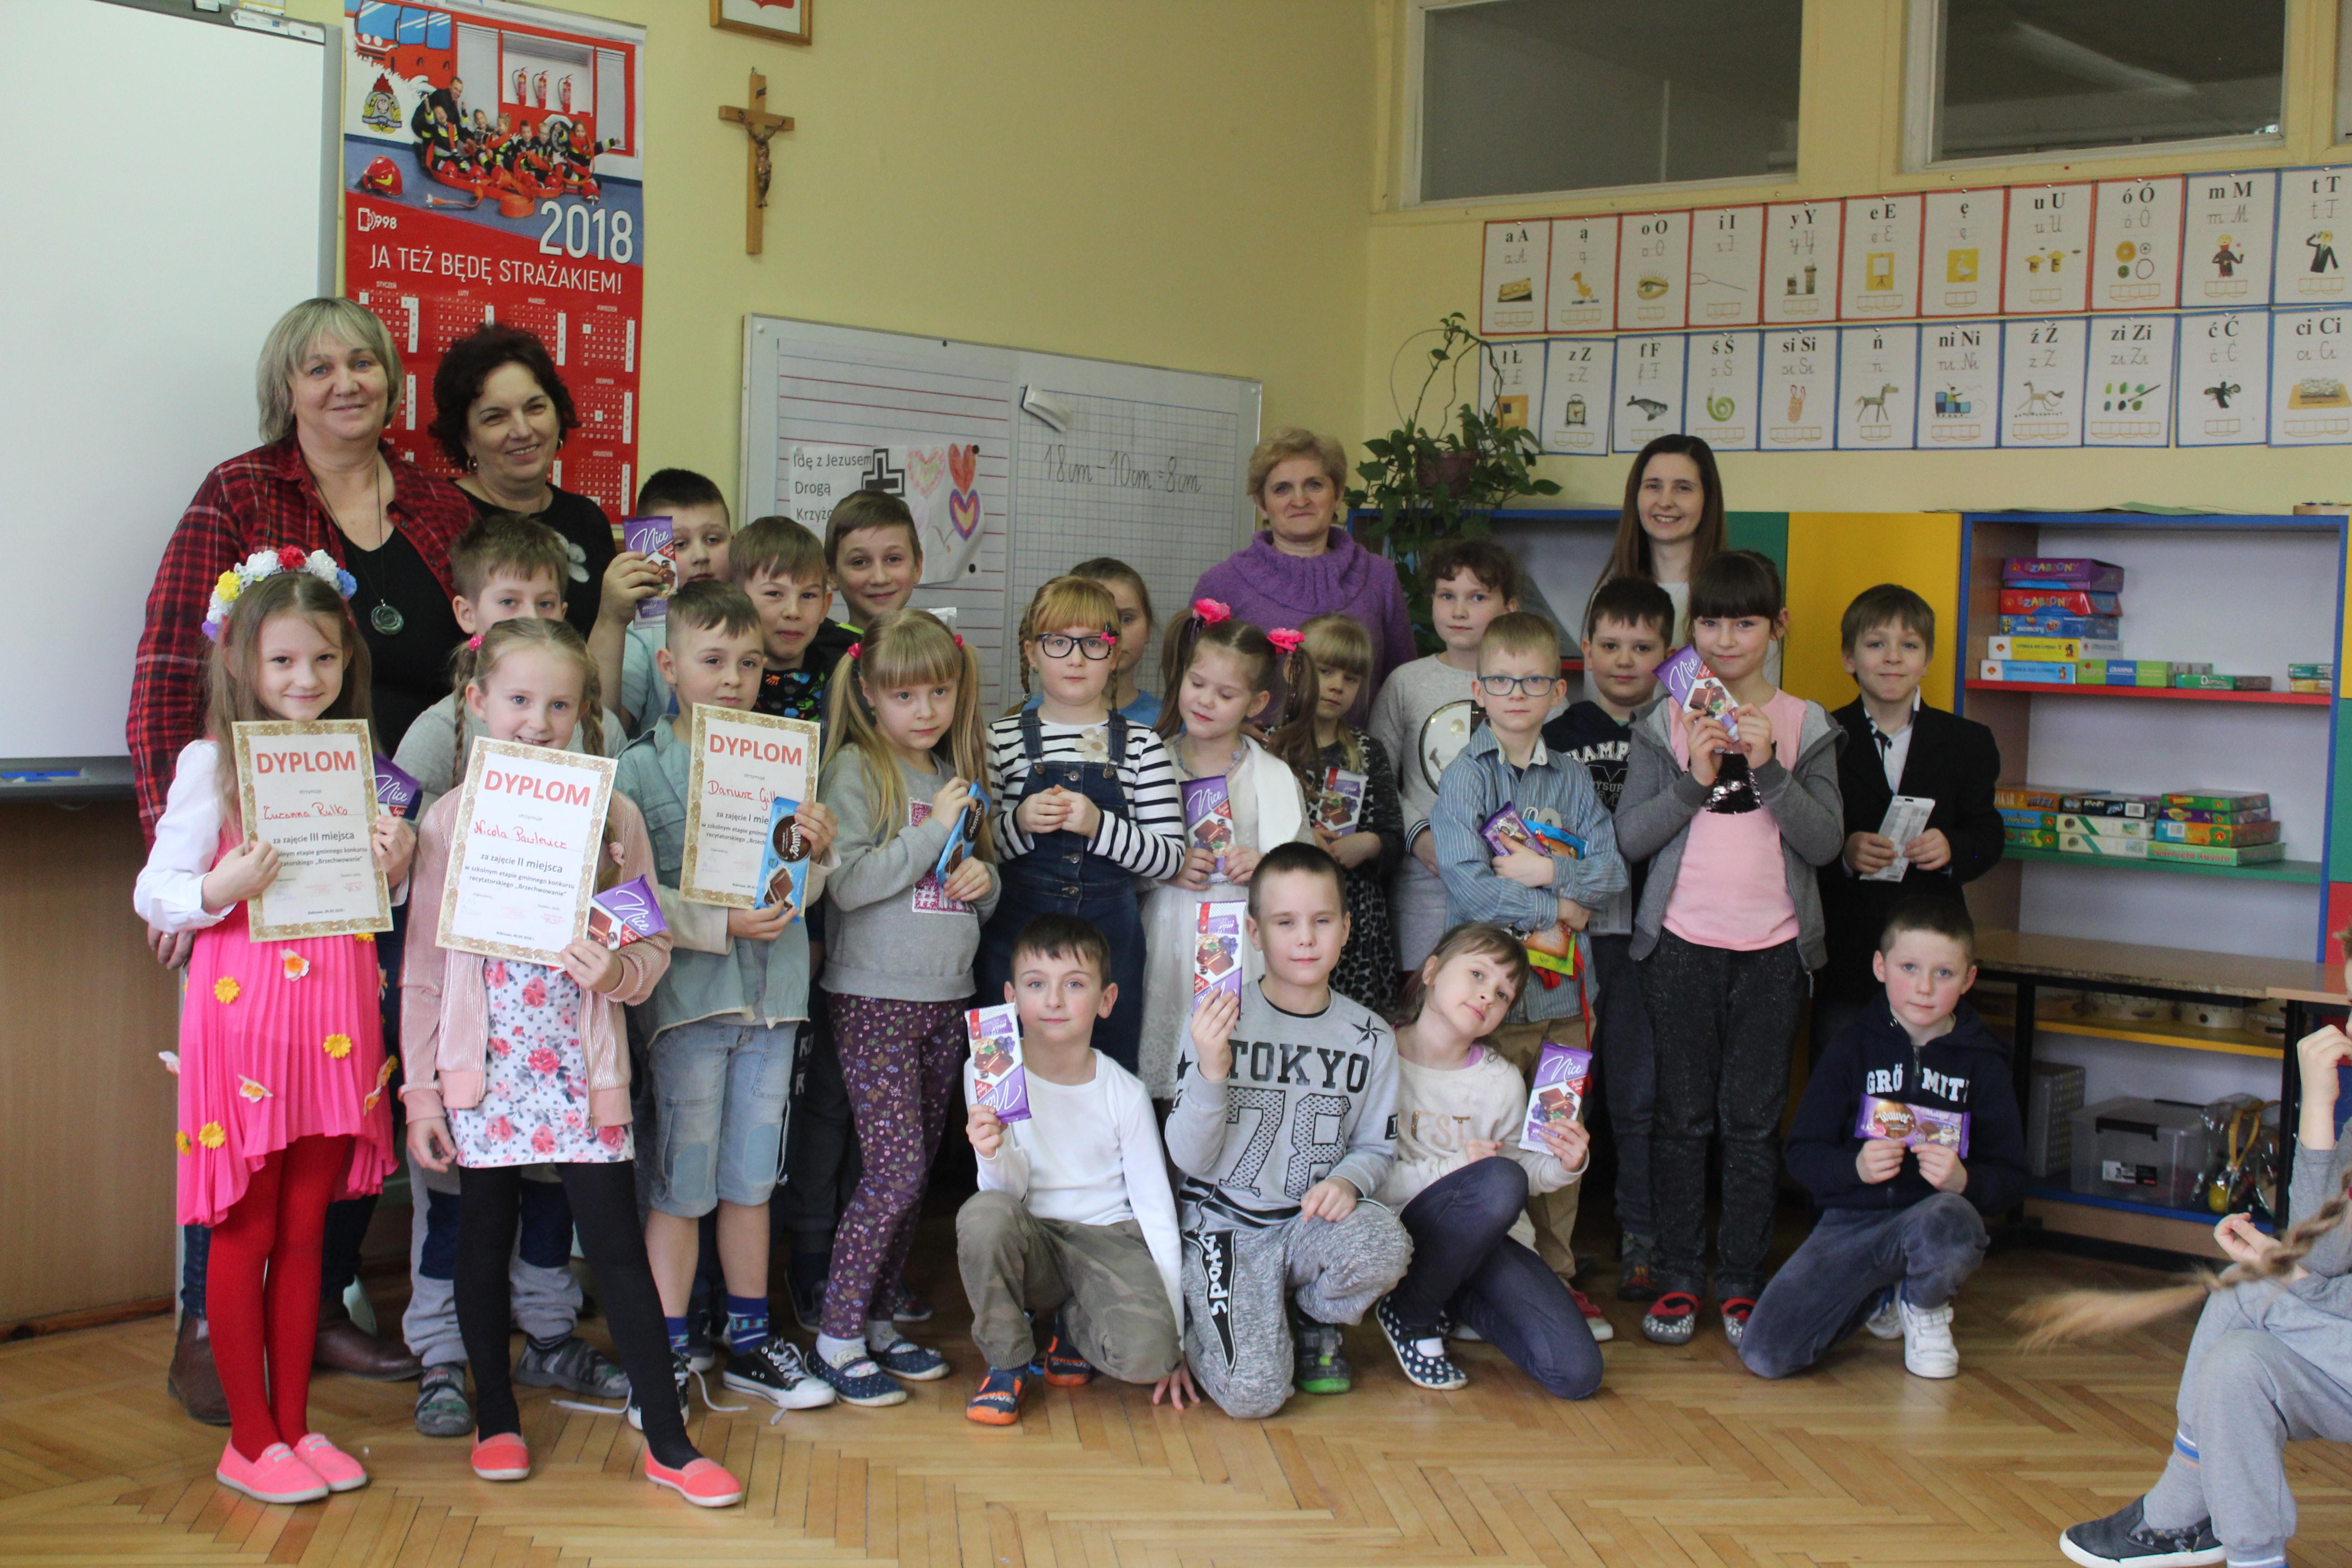 Wiadomości ze Szkoły Podstawowej w Bobrowie - Szkoły - rok